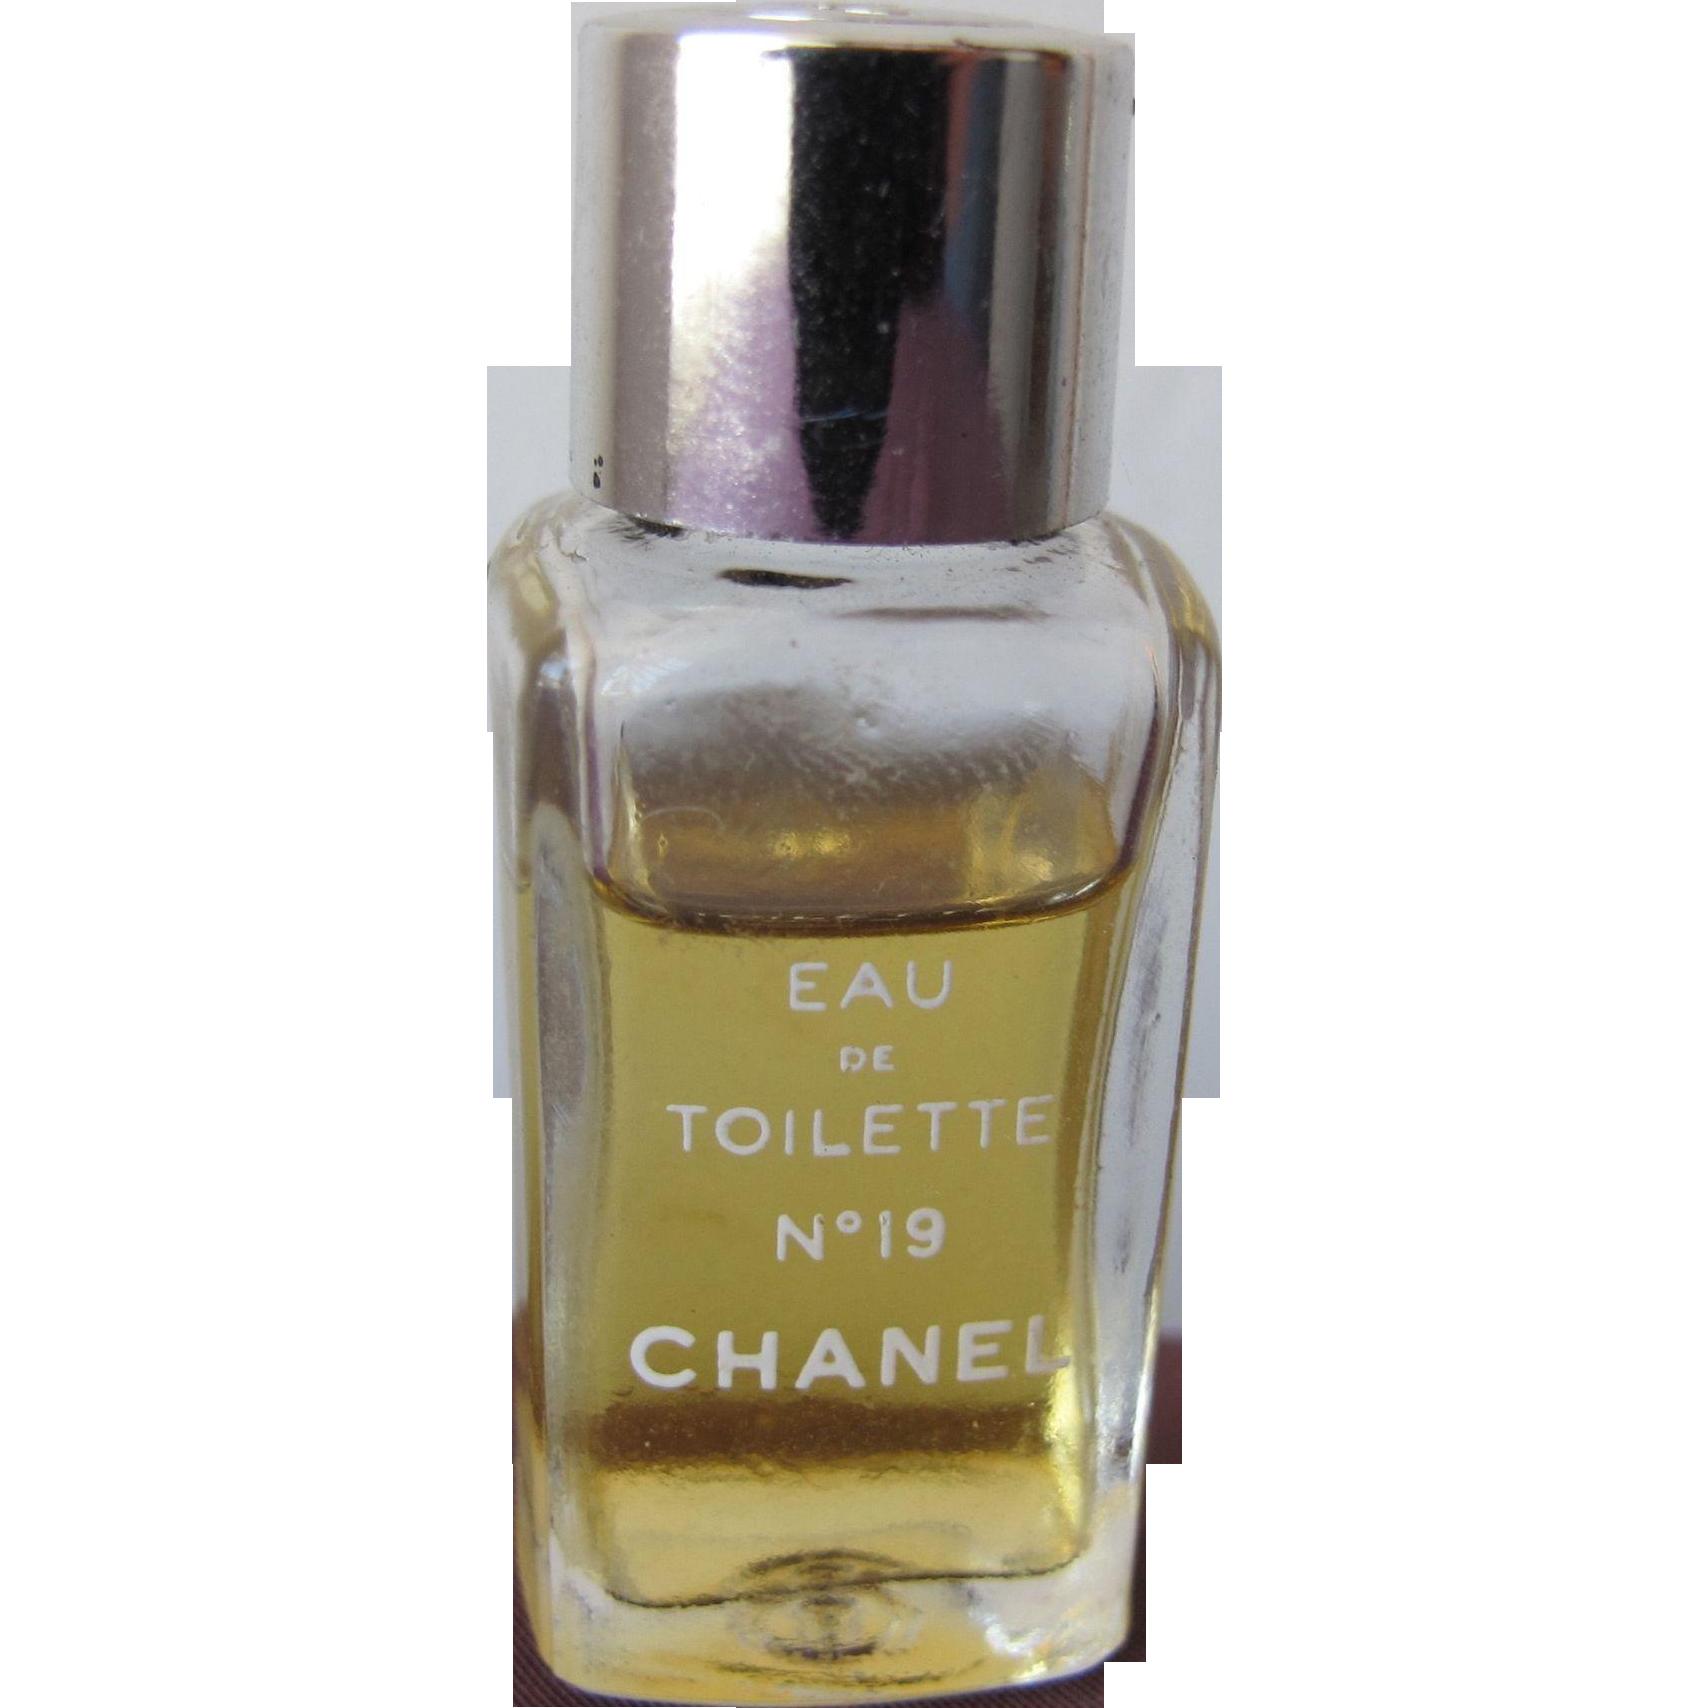 Chanel Mini Perfume Bottle Eau de Toilette No. 19